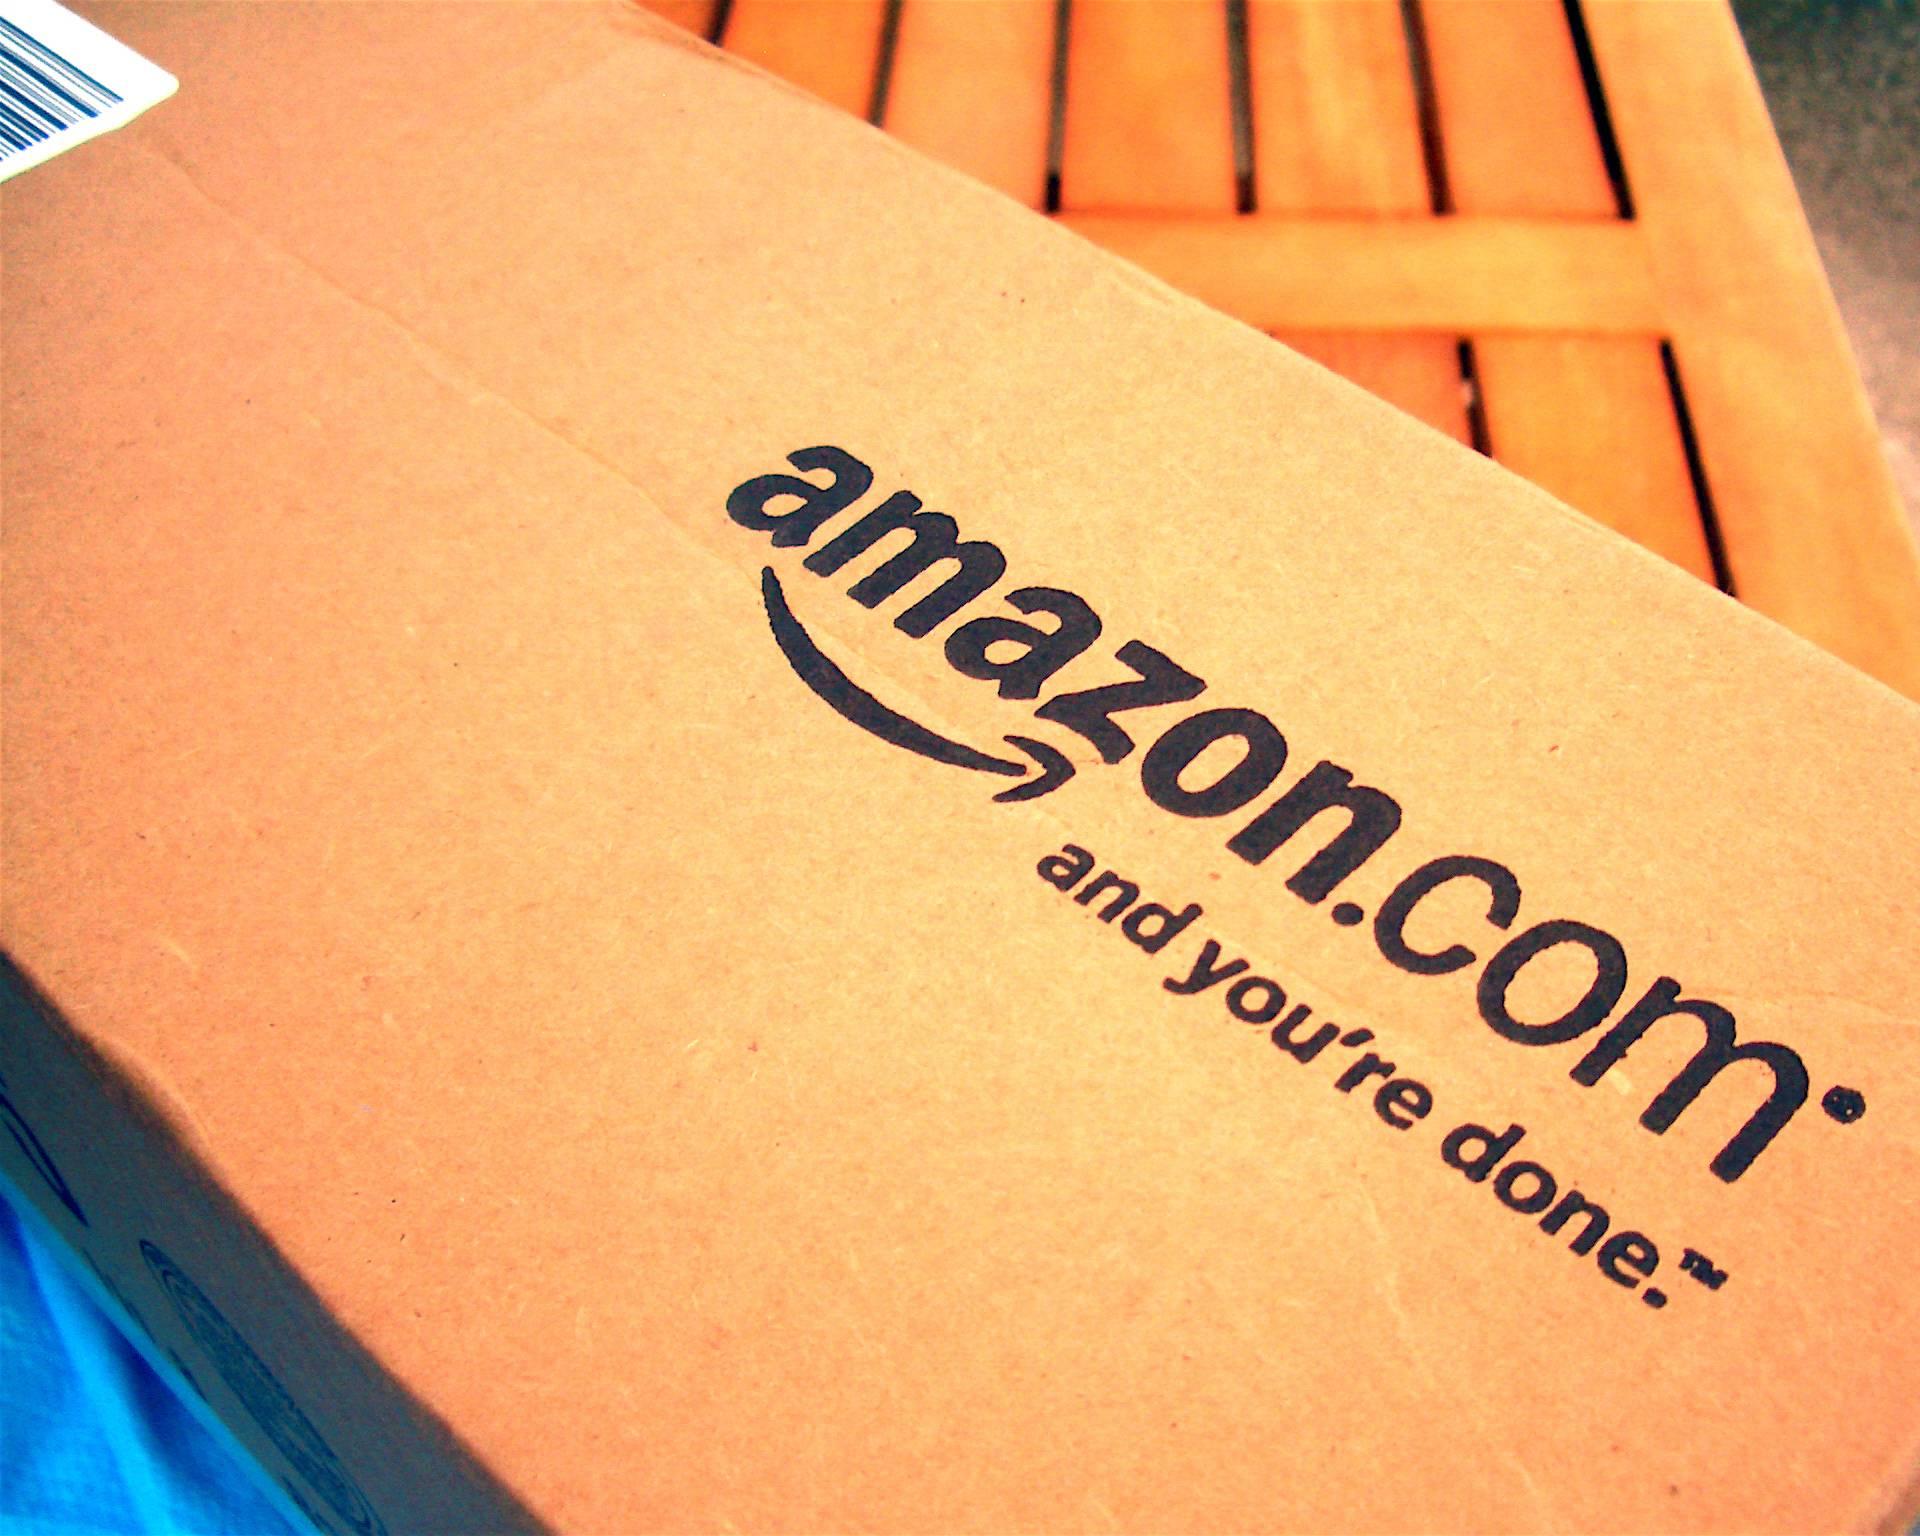 Radnici Amazona u štrajku: 'Štede na našem zdravlju'